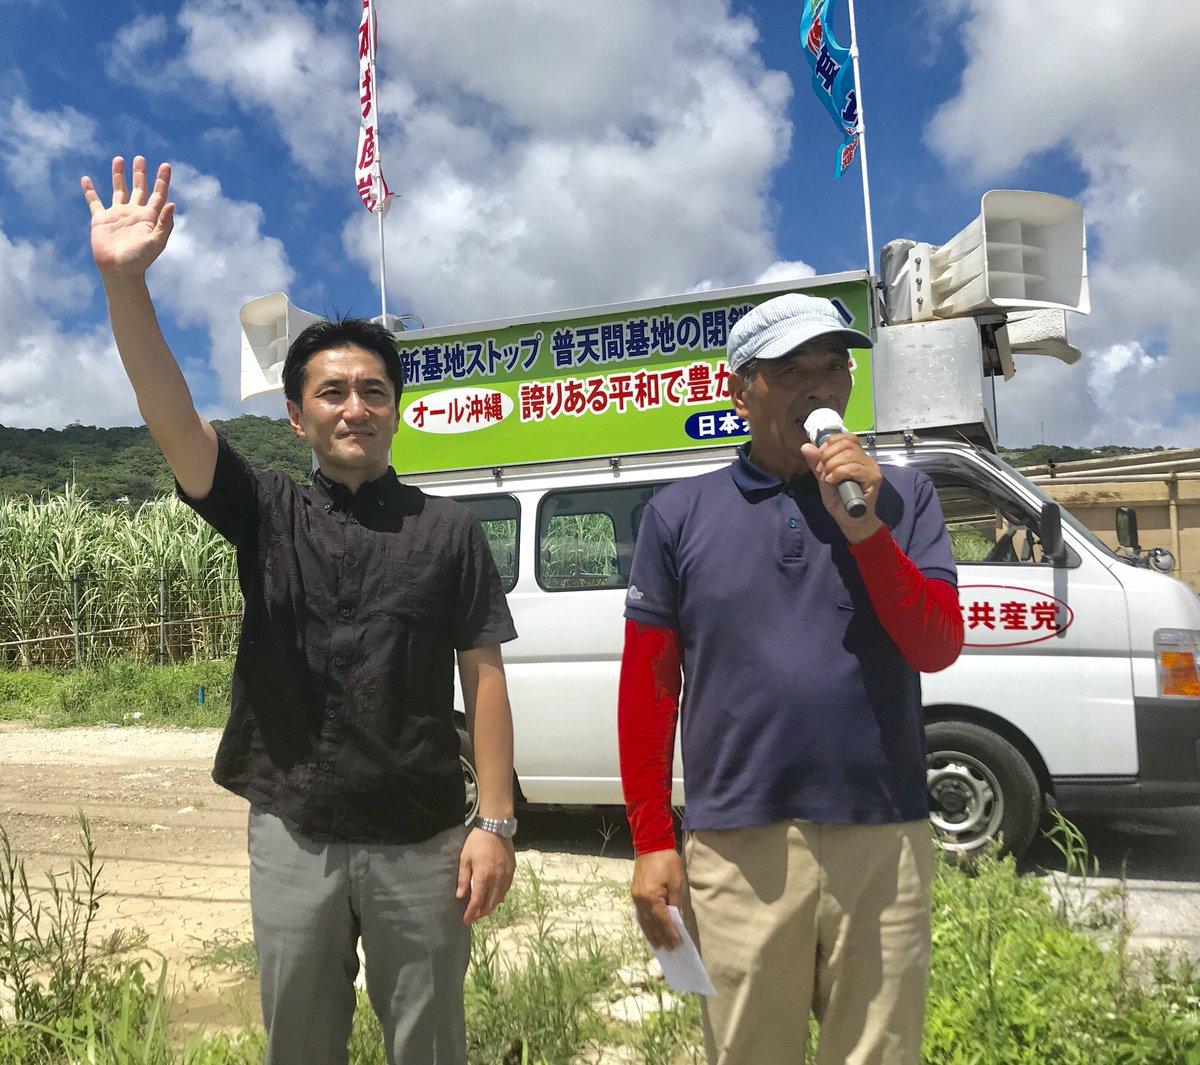 沖縄県南城市議選・沖縄市議選の応援